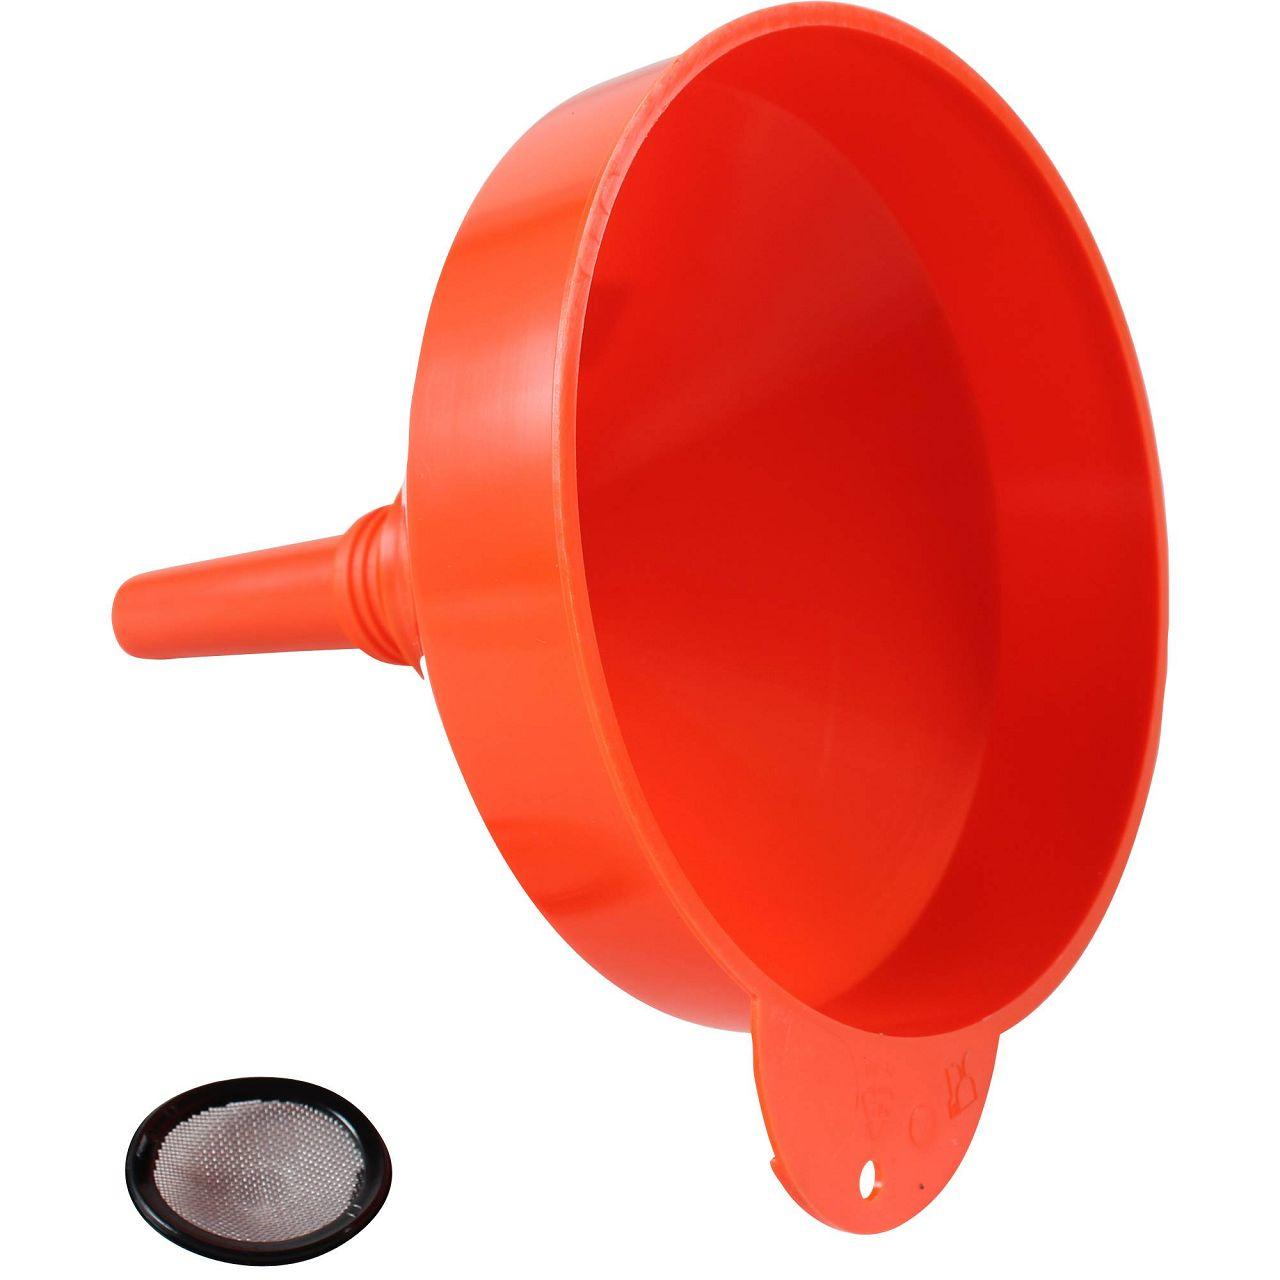 Trichter Einfülltrichter Nachfülltrichter mit Sieb ORANGE Durchmesser Ø 195 mm